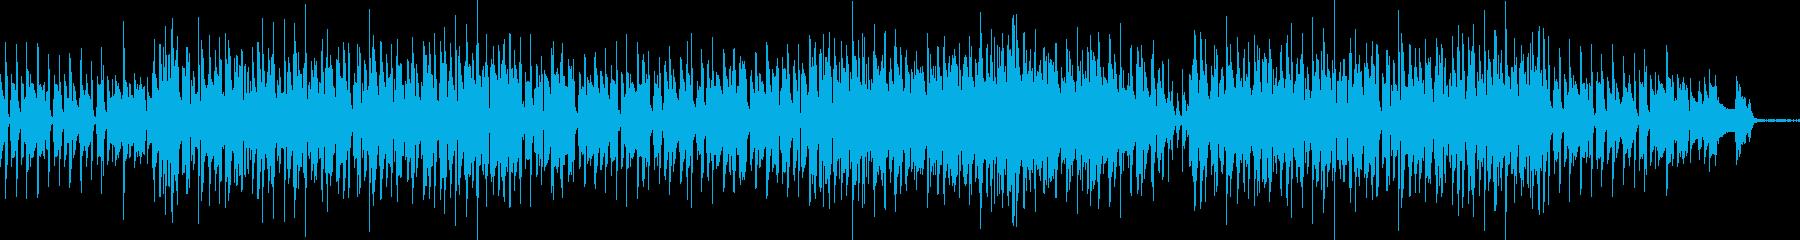 アップテンポなジャズ・探偵の尾行シーンの再生済みの波形